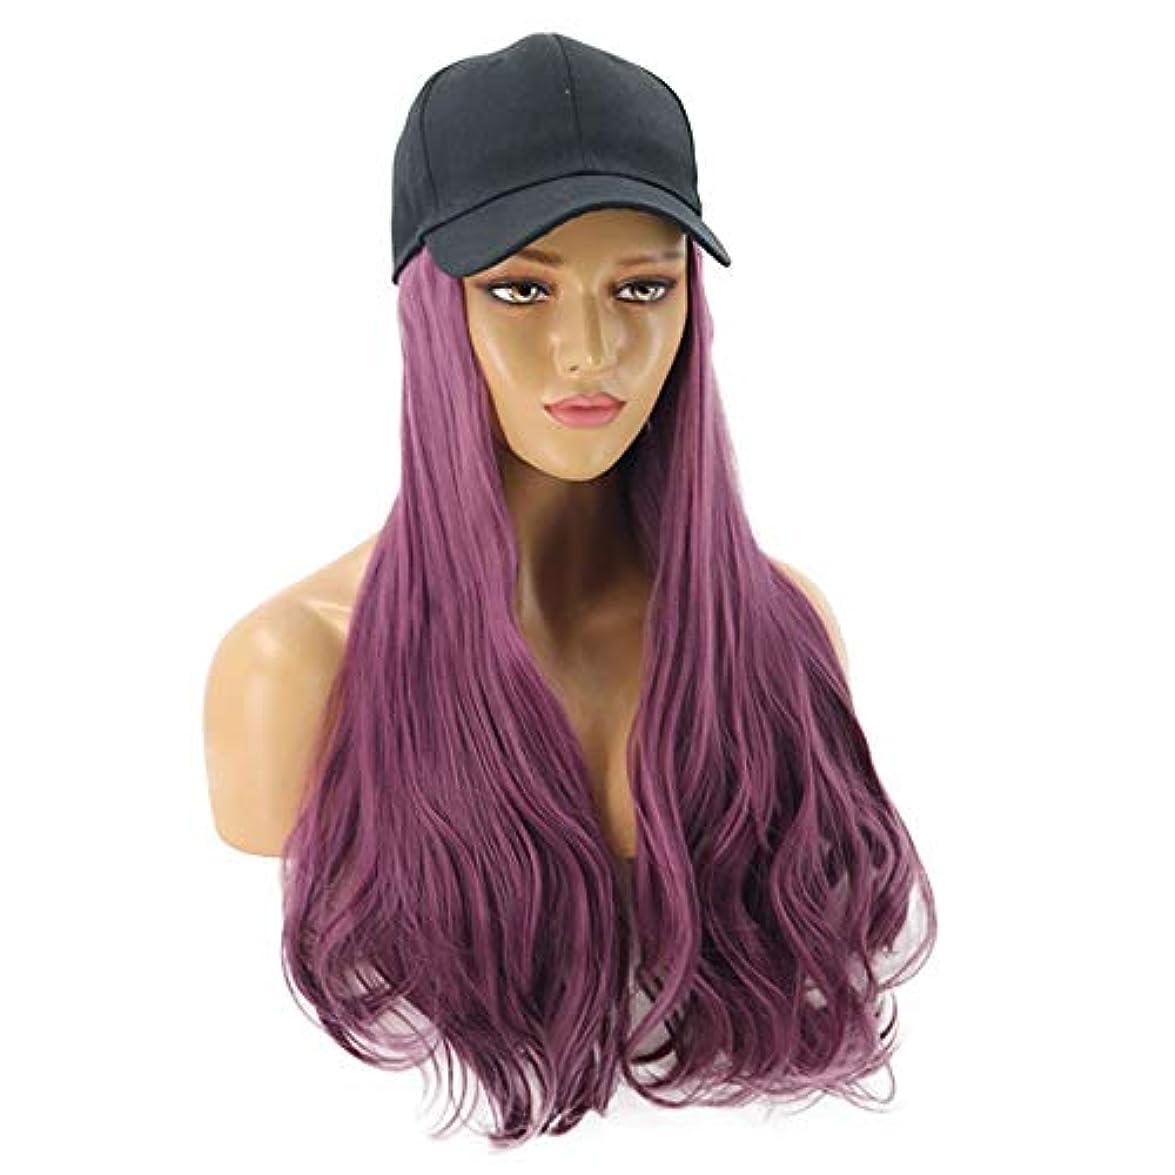 忌まわしい一回呼びかけるHAILAN HOME-かつら ファッション藤女性かつらハットワンピースHatの先見の明前髪ウィッグ55センチメートル保持型ワンピース取り外し可能